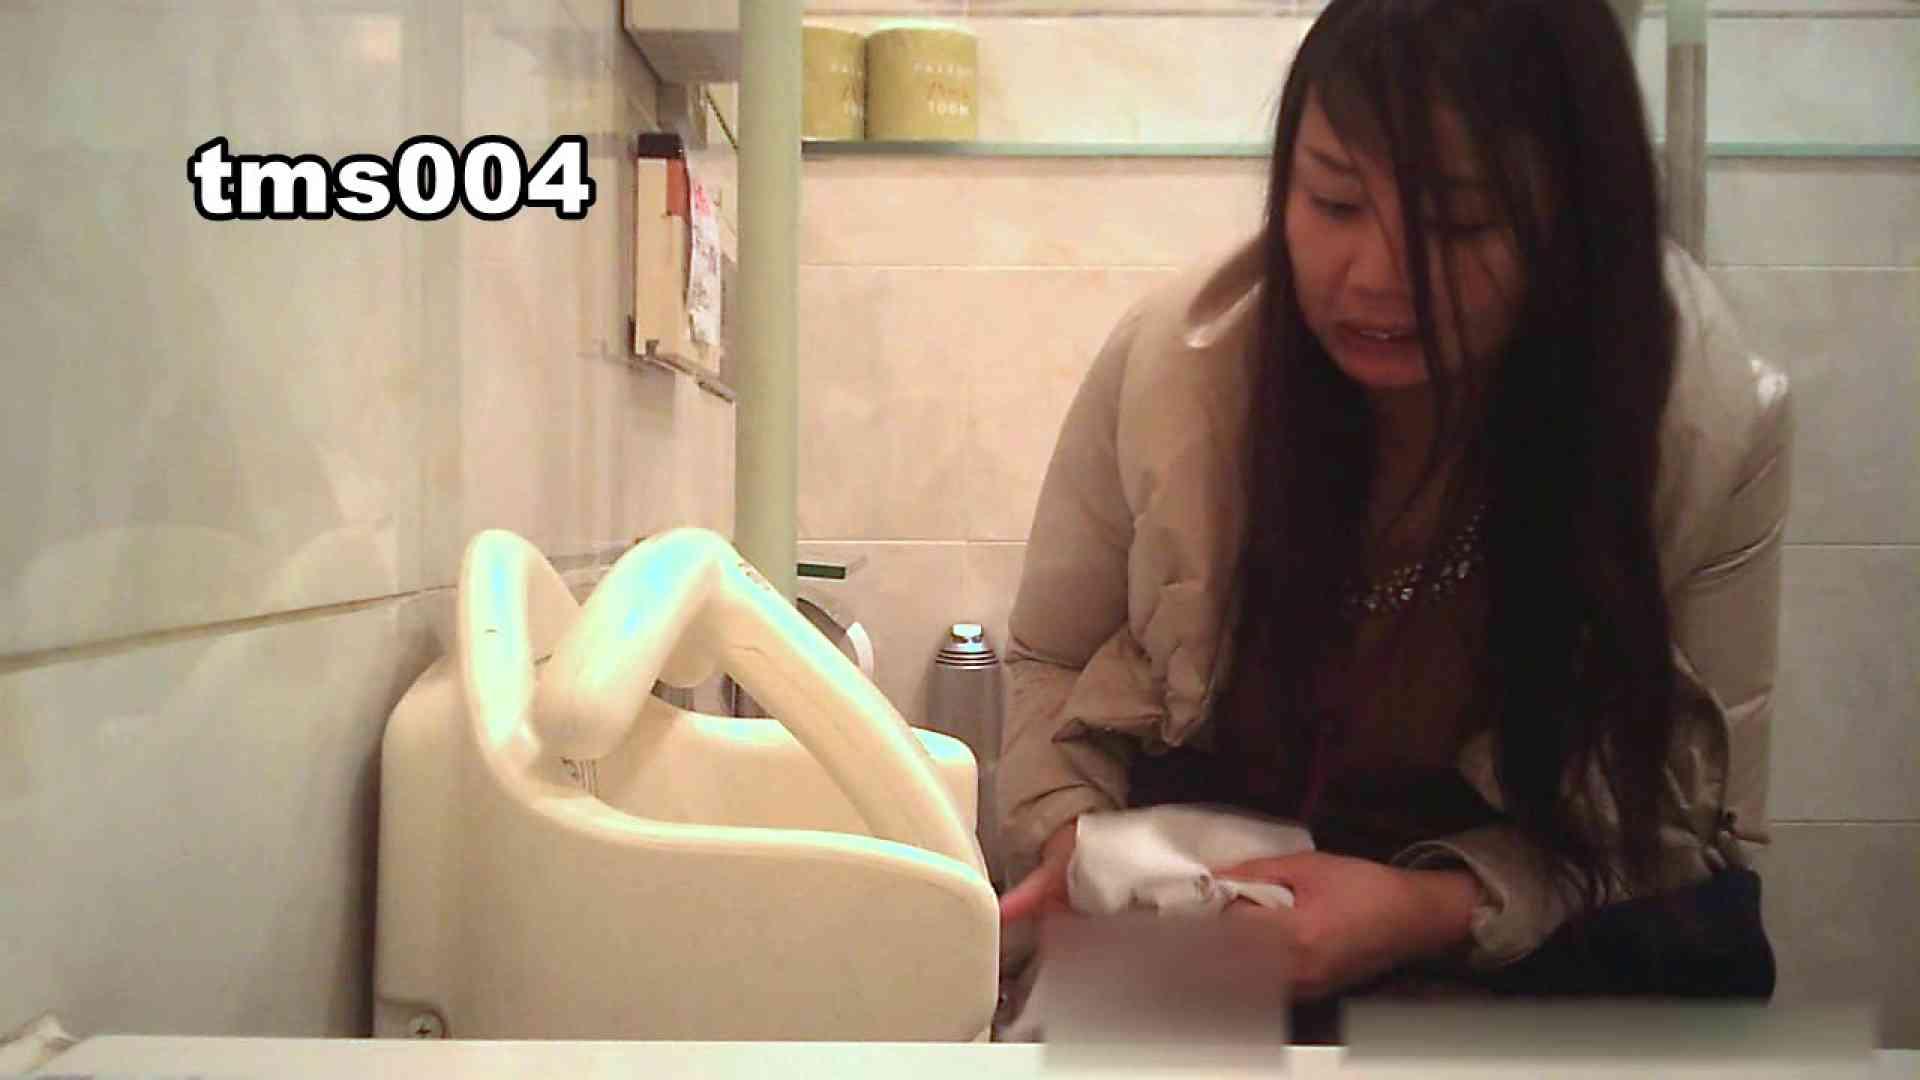 トイメンの割れ目 vol.004 OLの実態  47pic 26